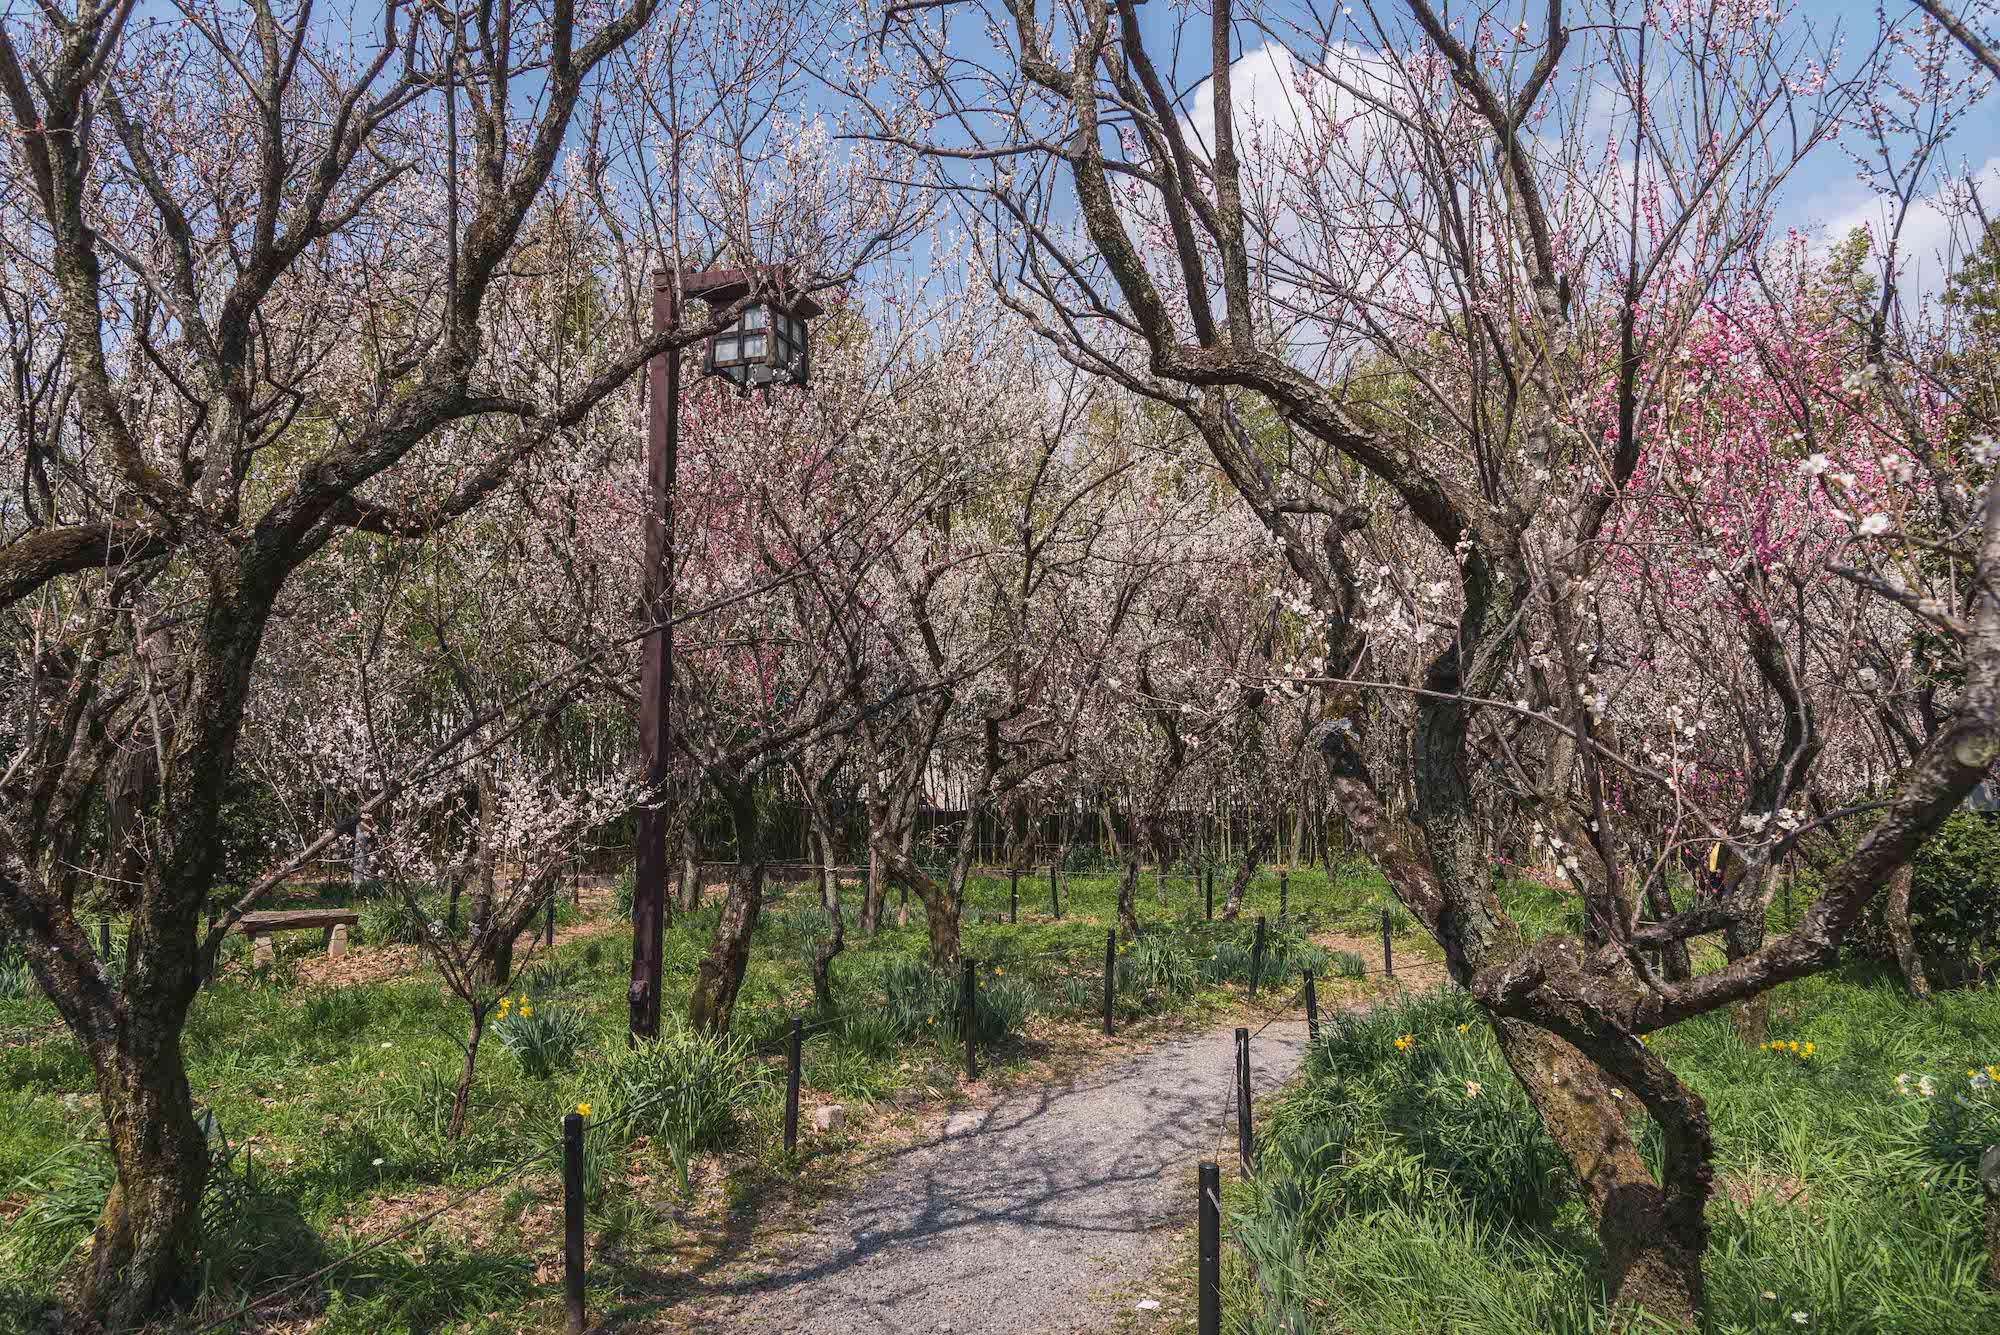 DSC_2154 京都 梅宮大社(境内に咲く35種500本の梅と猫神社で人気の写真スポット。 アクセス情報や交通手段・駐車場情報などまとめ)